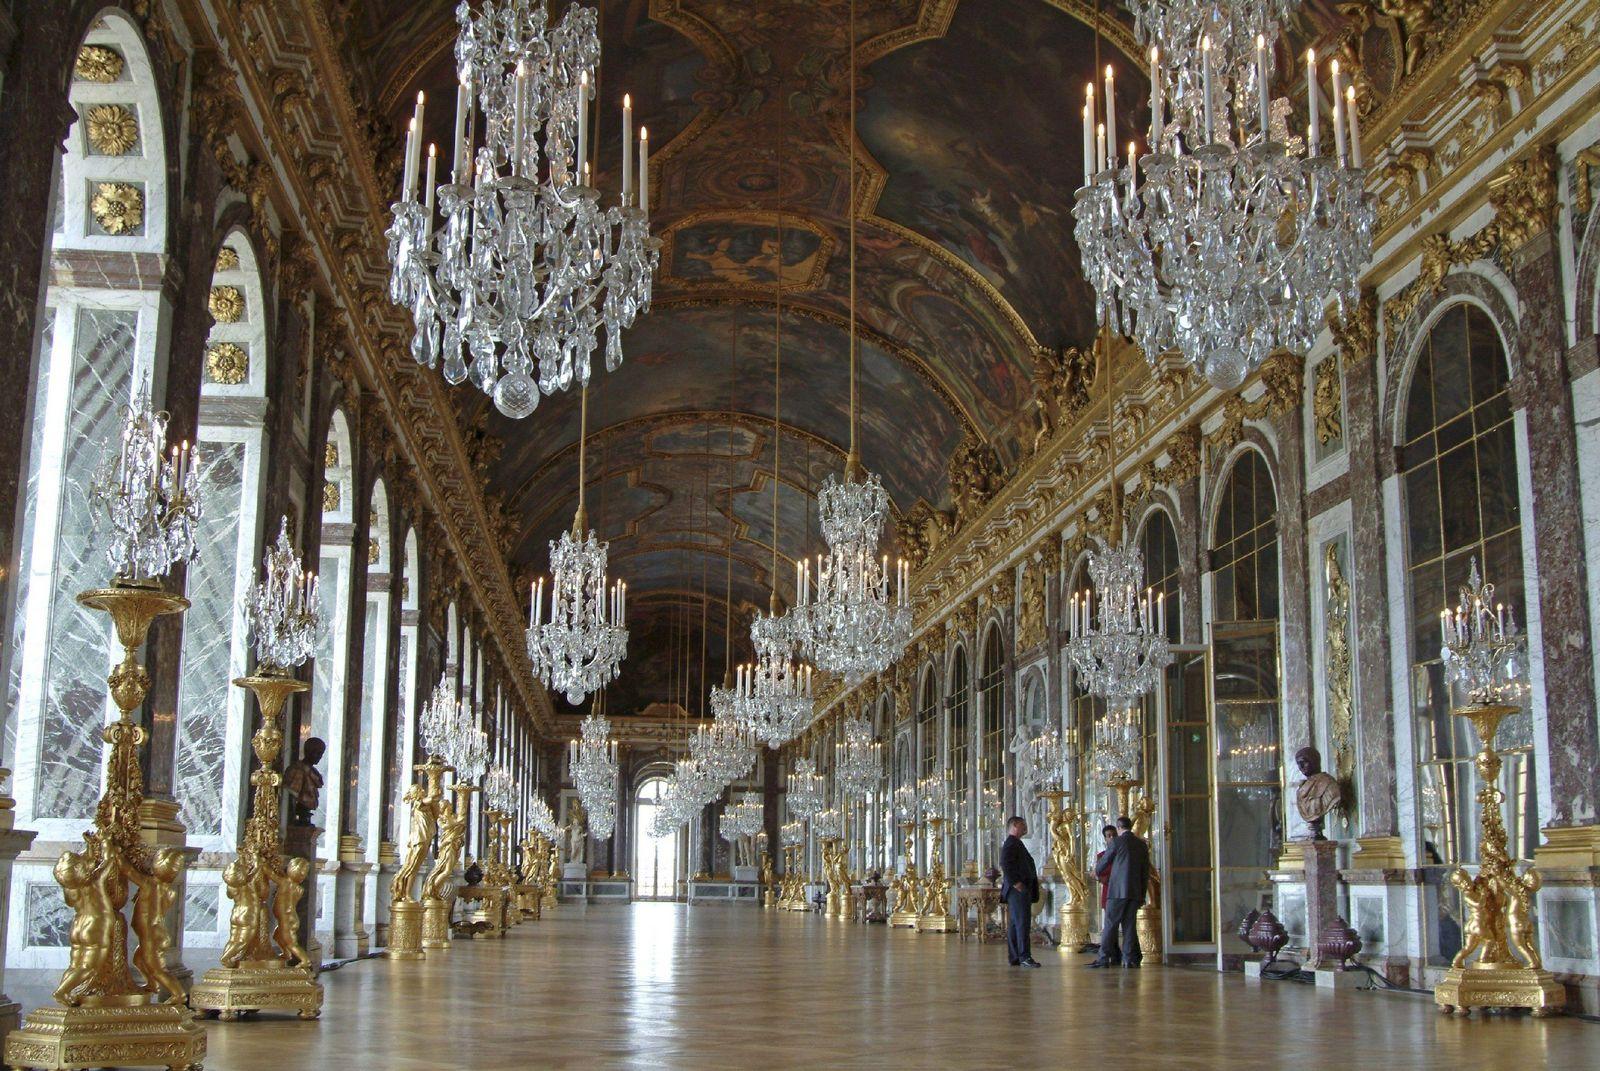 NUR FÜR SPAM Spiegelsaal in Versailles erstrahlt wieder in neuer Pracht